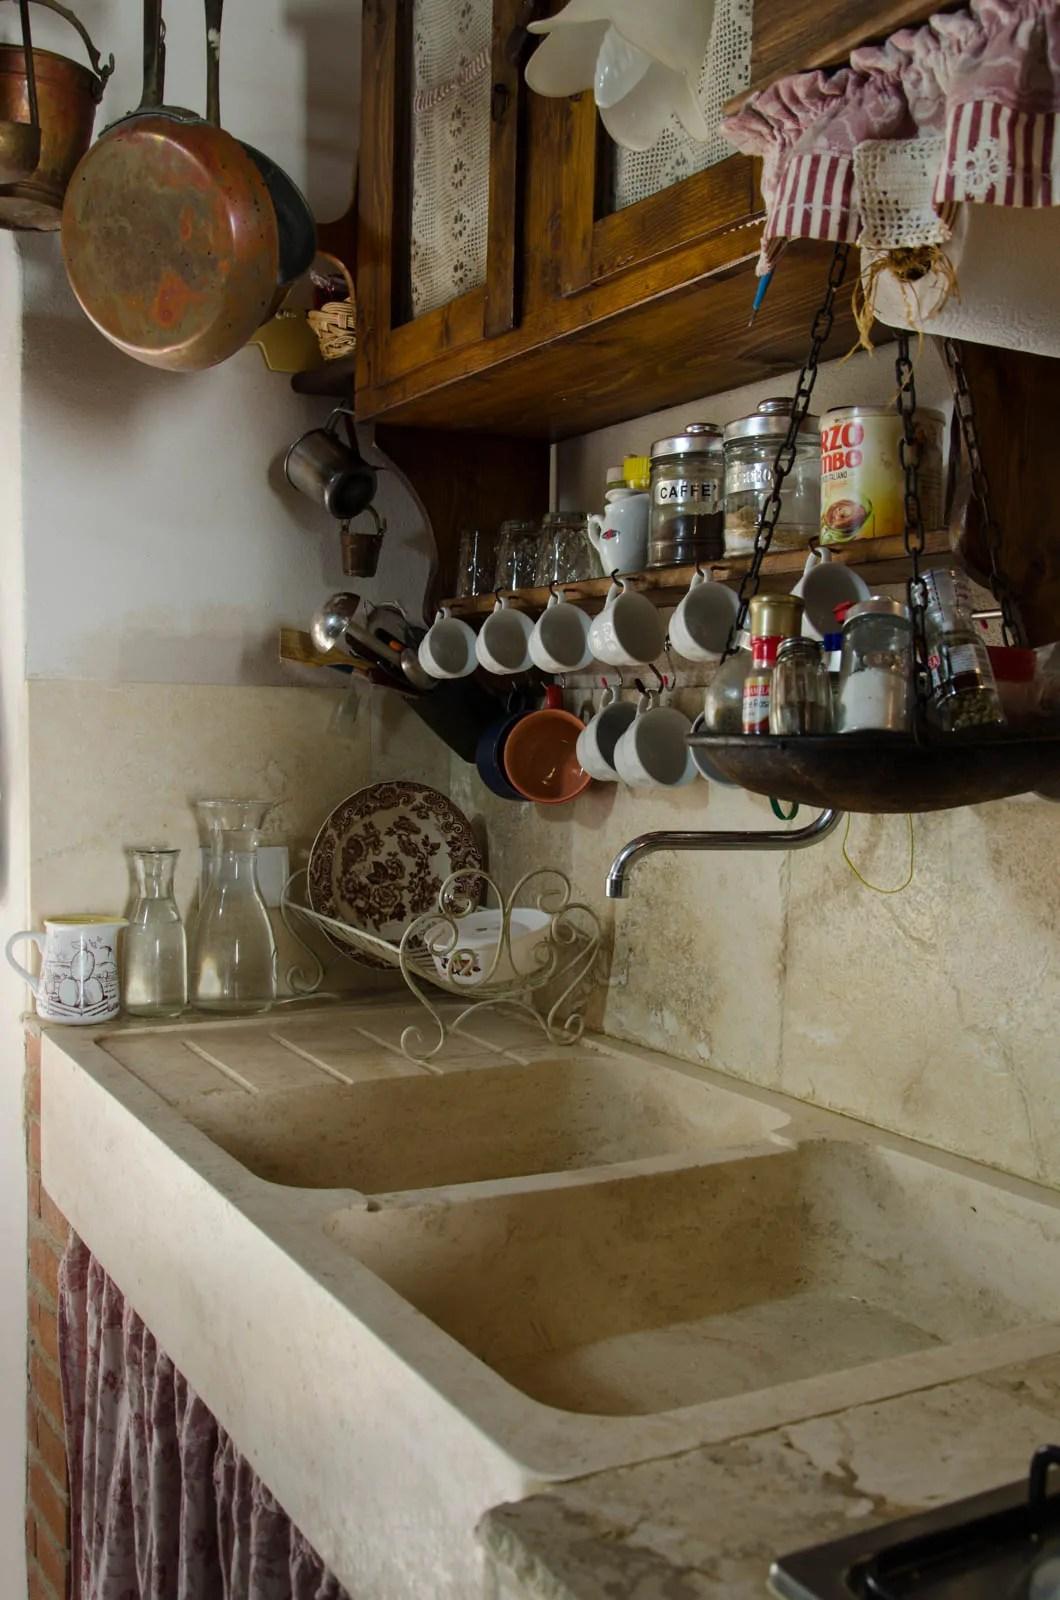 Cucina stile country come arredare locale scelta mobili tavolo sedie forno accessori utili colori materiali versione country moderna esempi. Country Style Kitchen With Travertine Pietre Di Rapolano